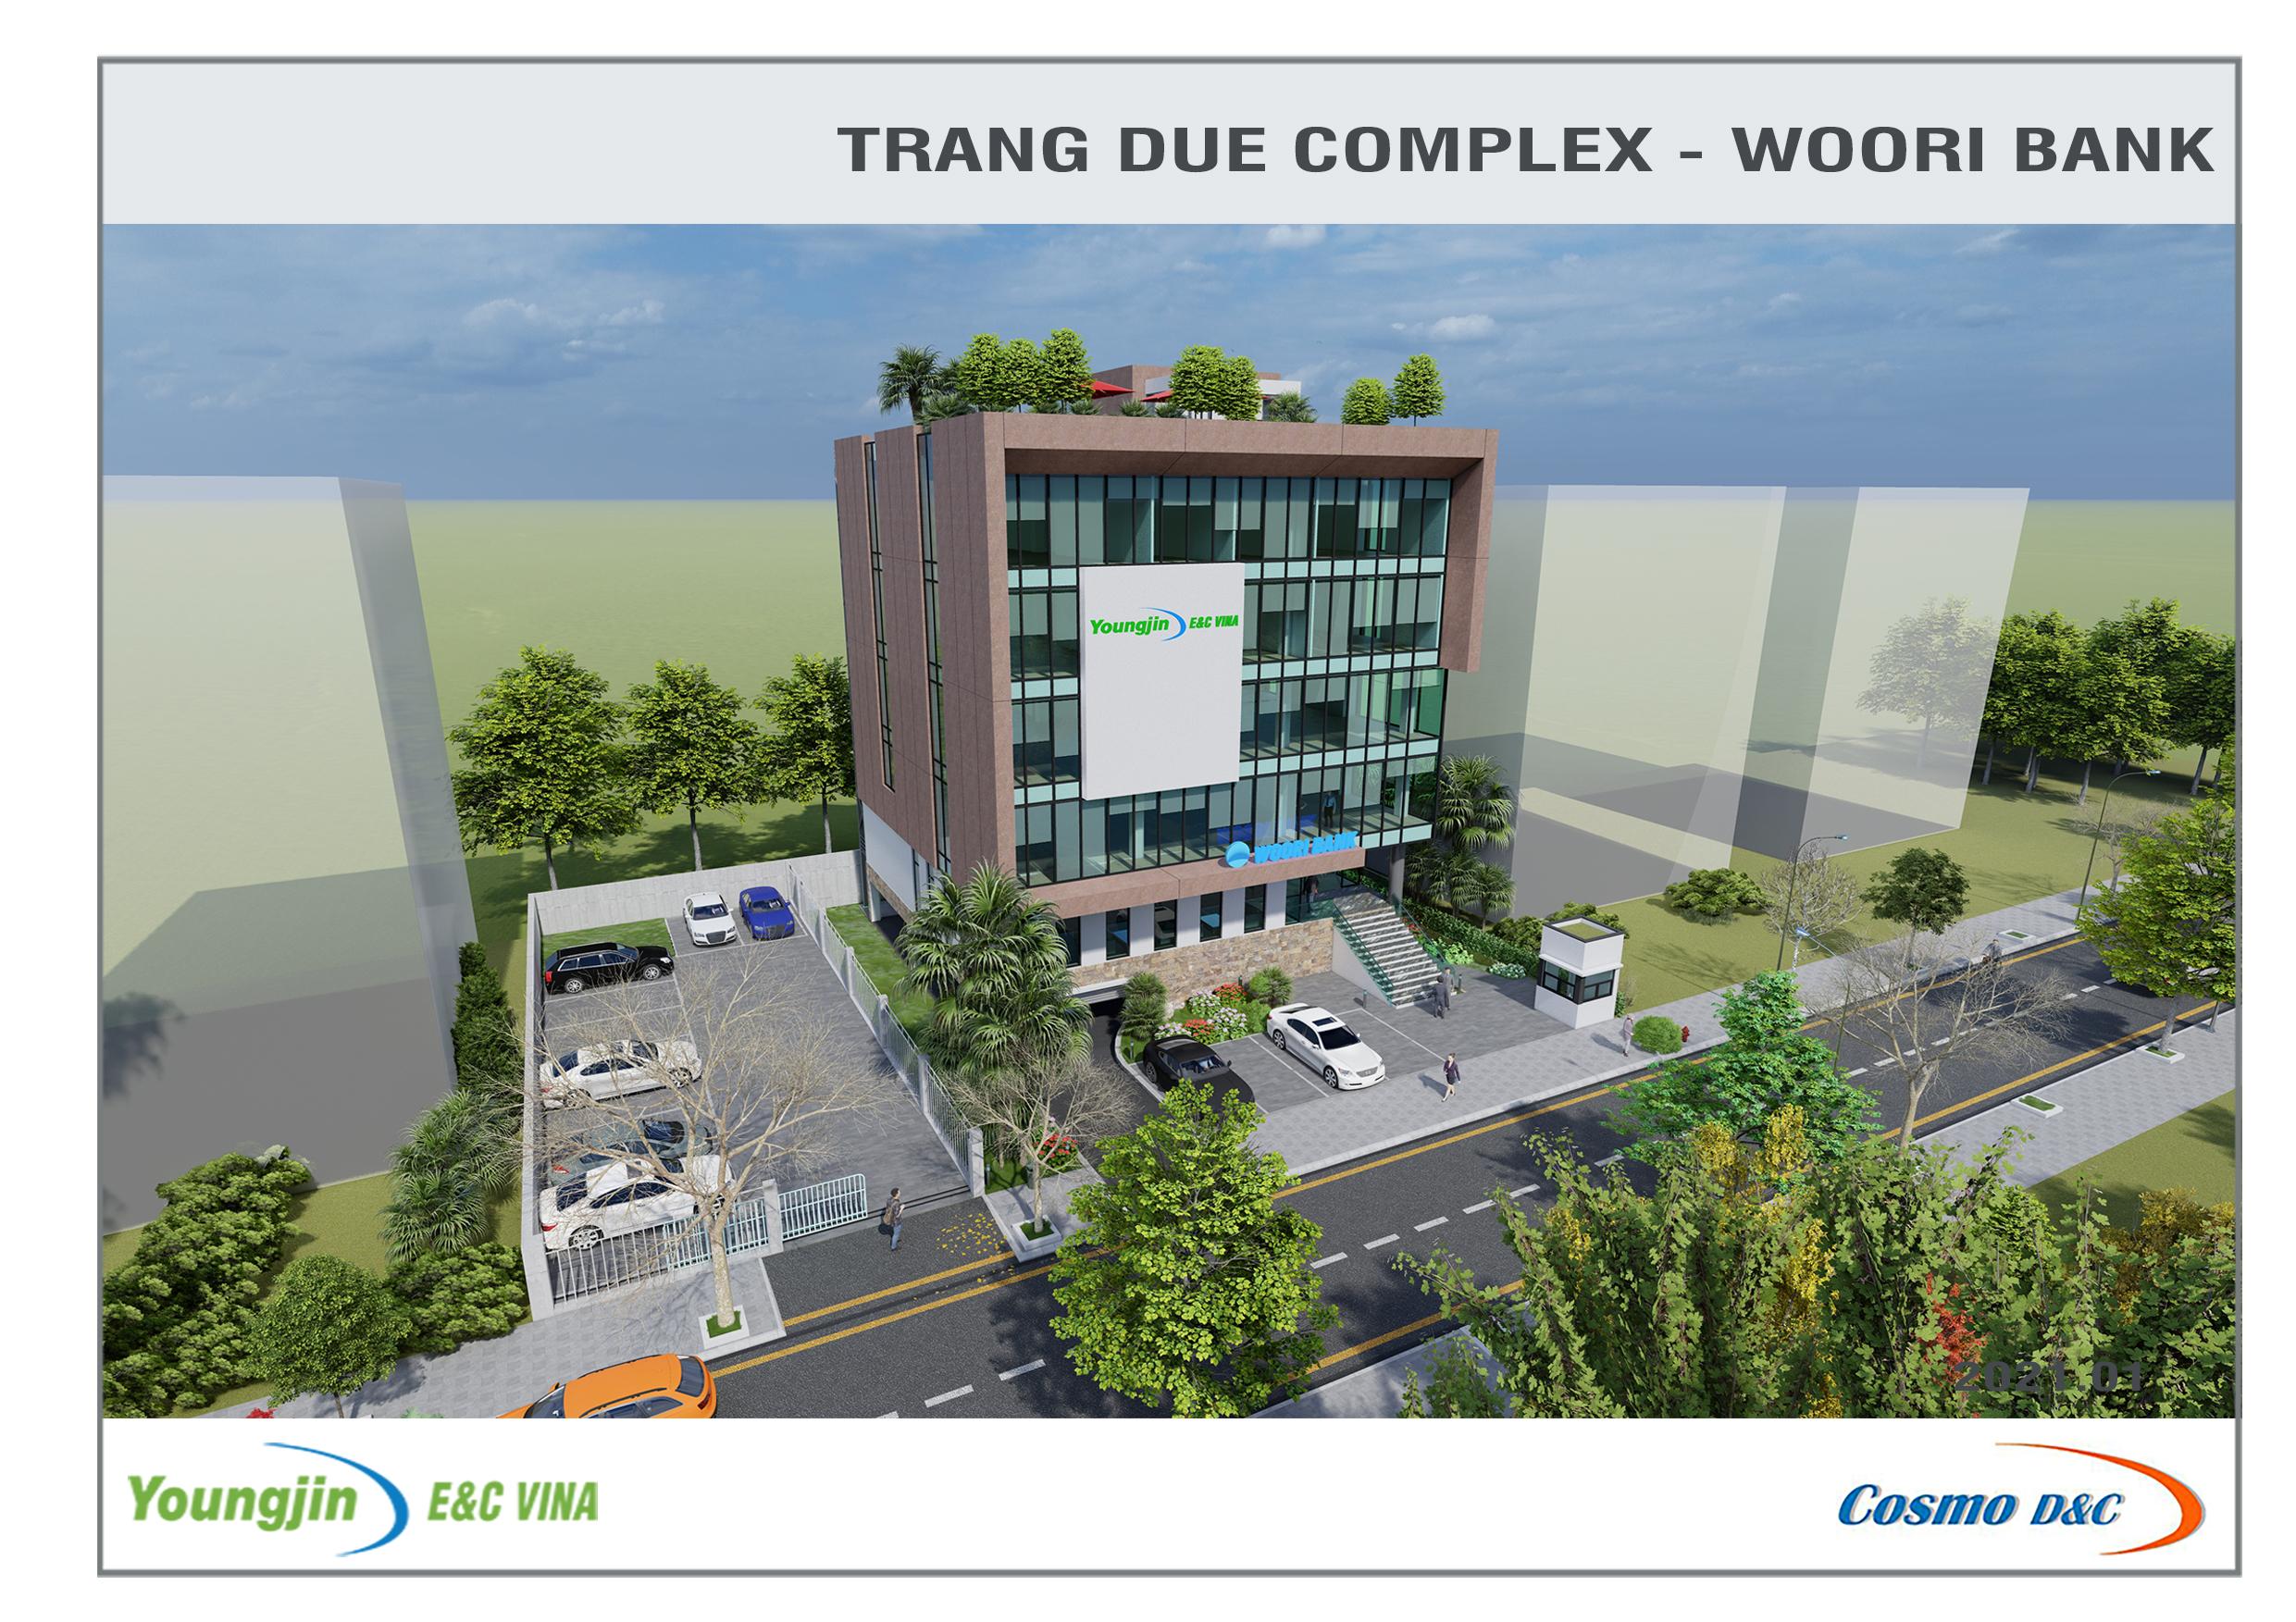 Youngjin E&C Vina Trang Due Complex Building0